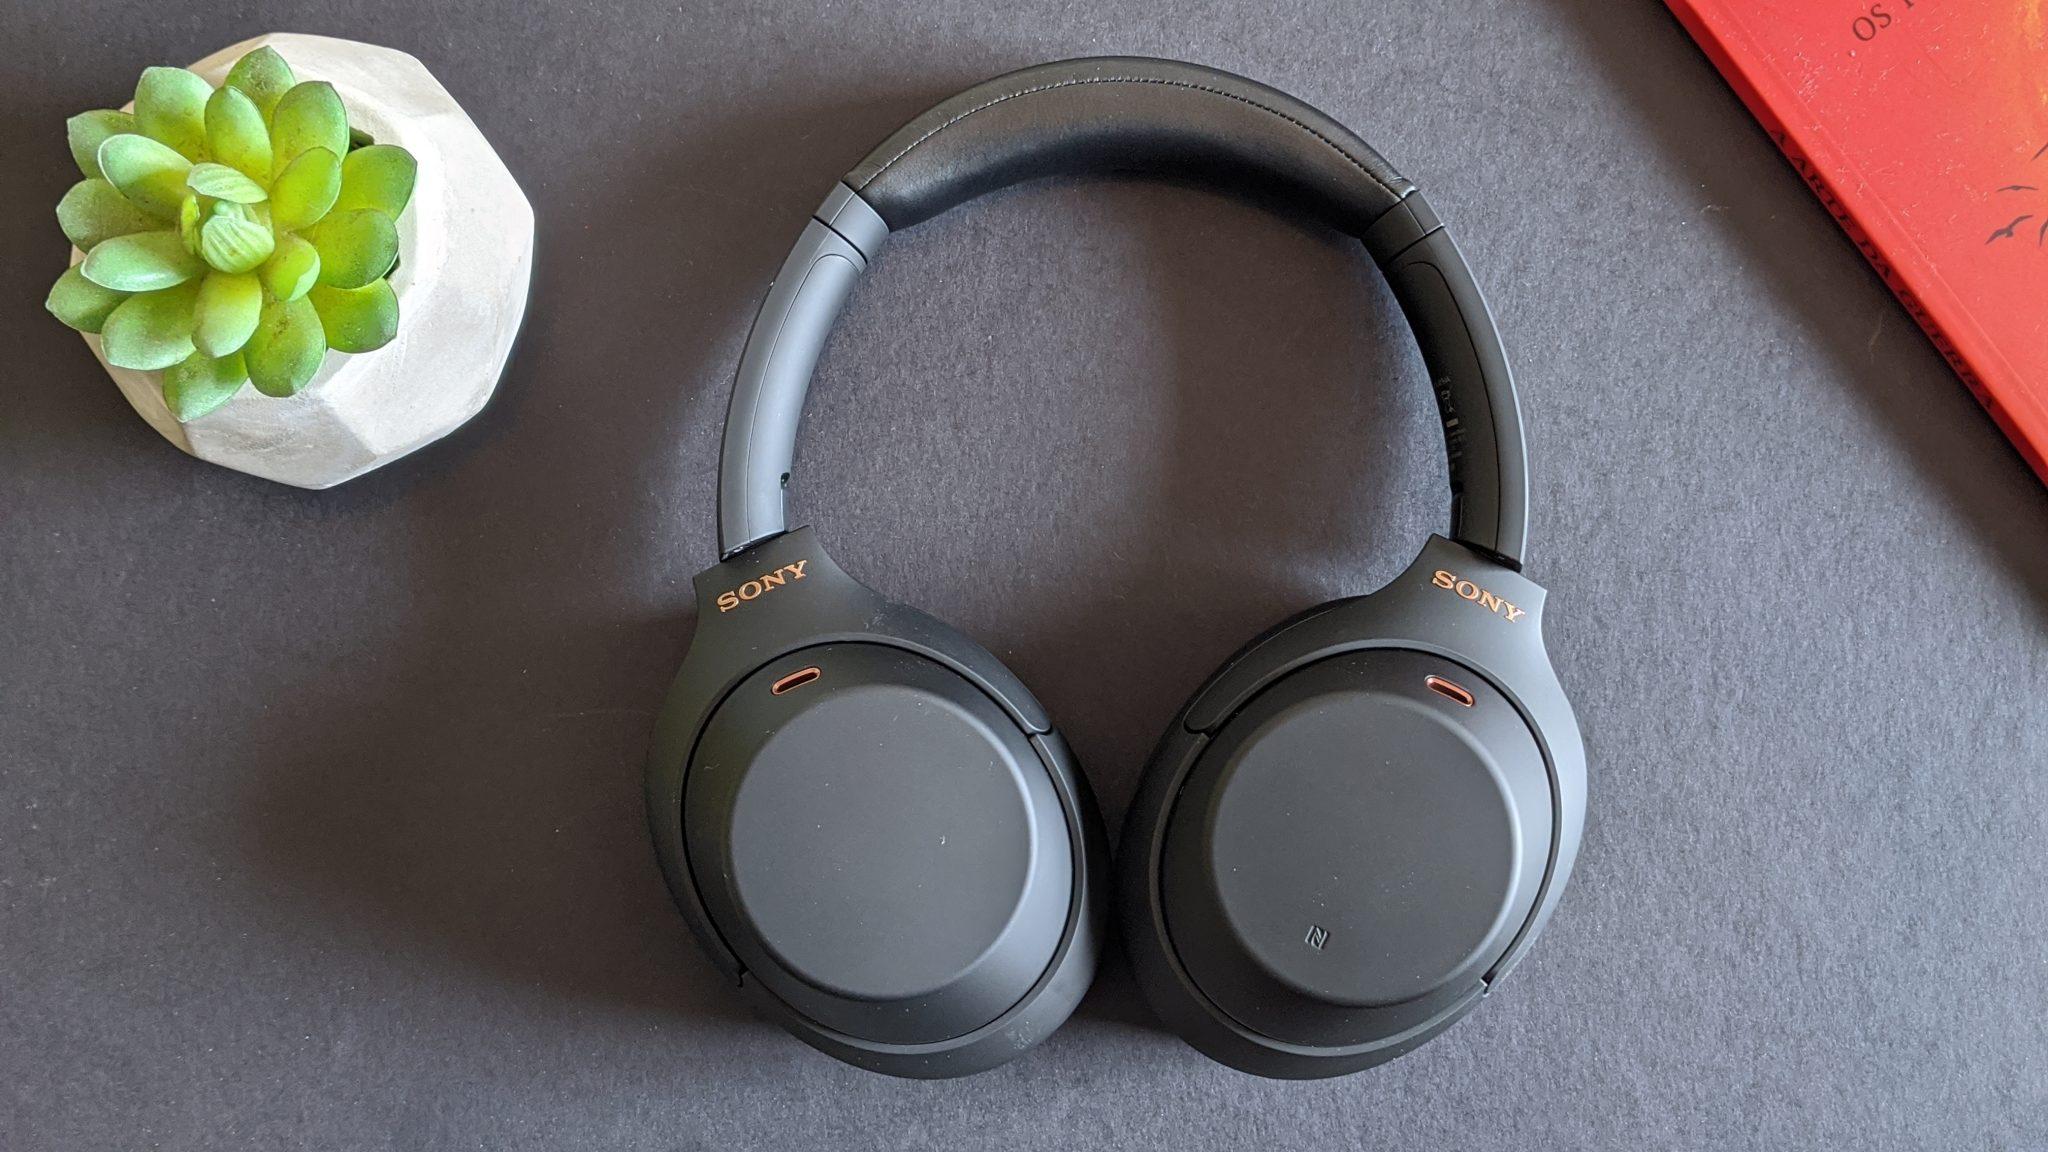 Fones de ouvido da sony